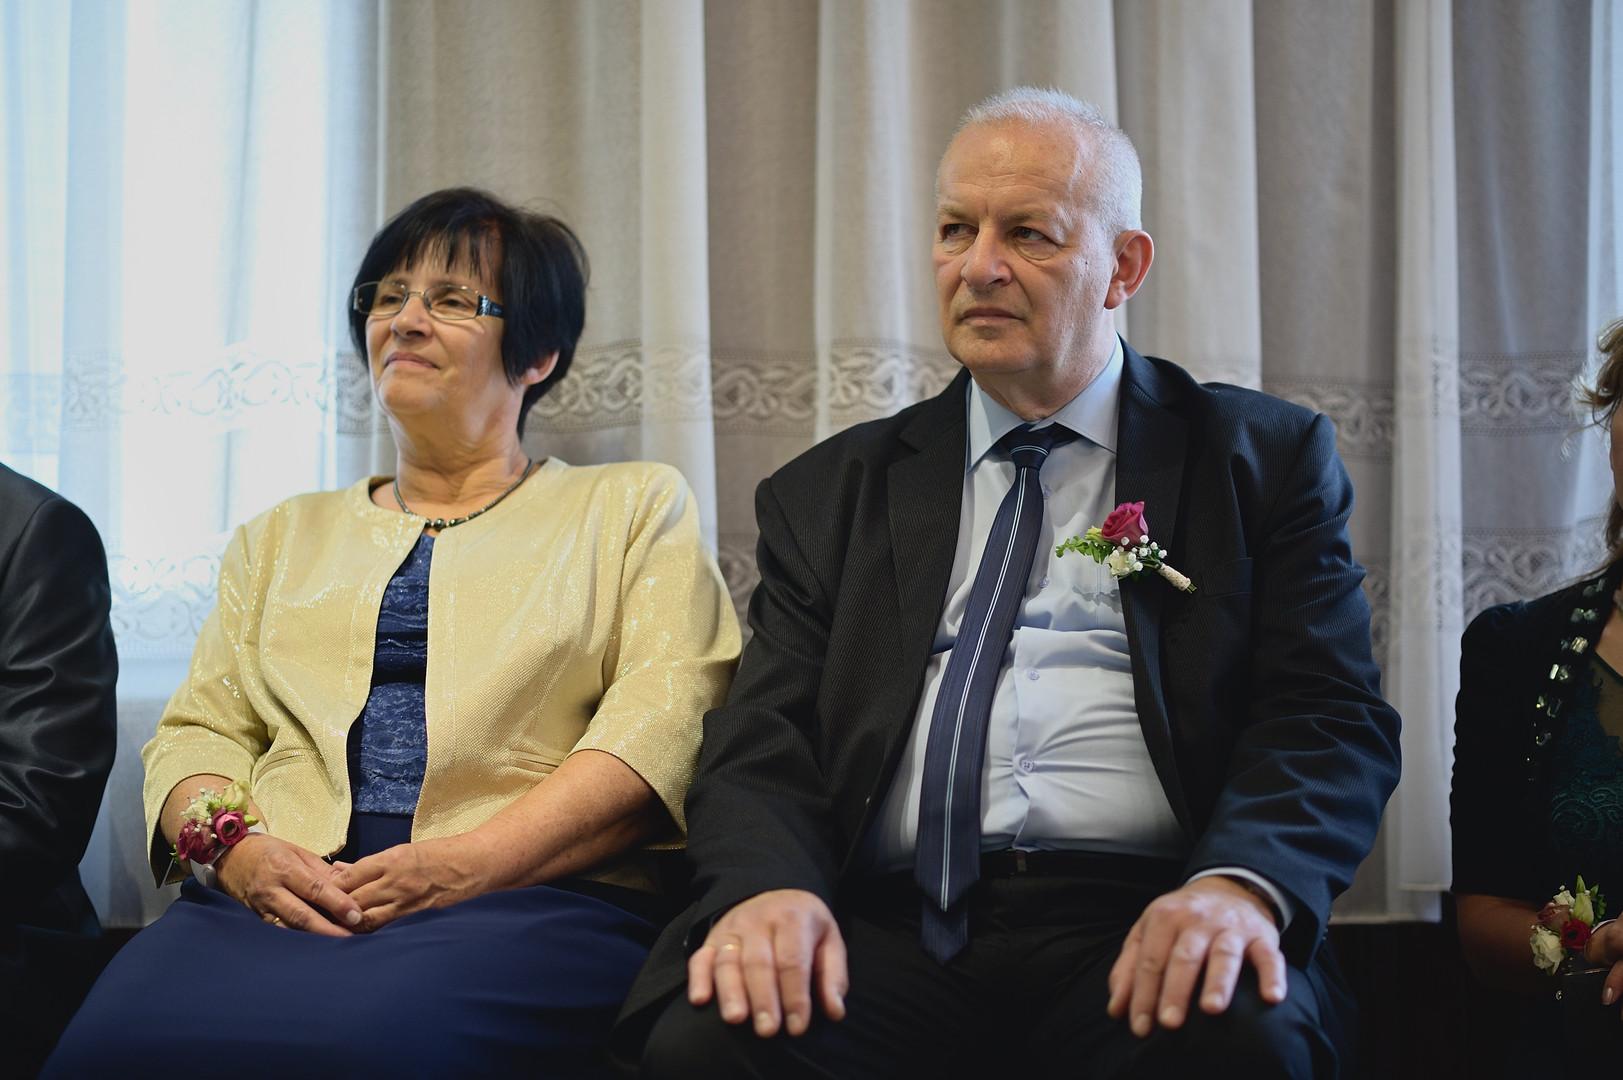 041 Esküvői fotózás - Enikő és Peti.jpg